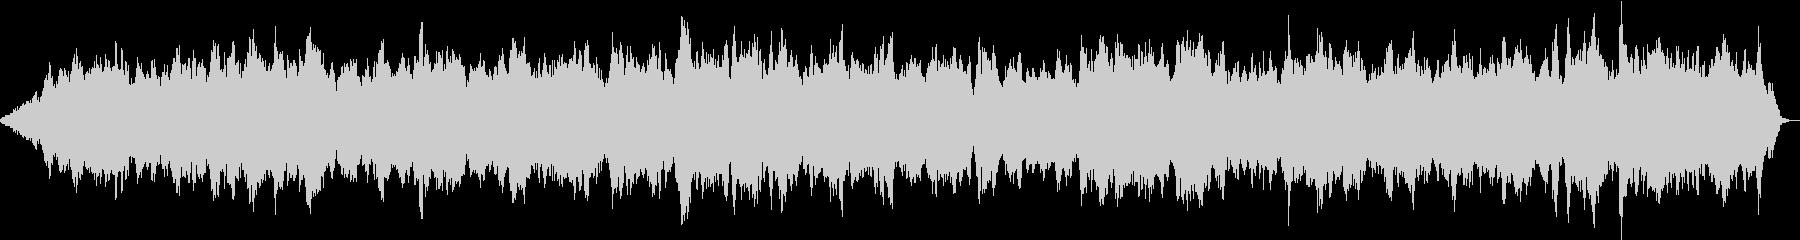 自然音とマインドフルネス 無になれるの未再生の波形